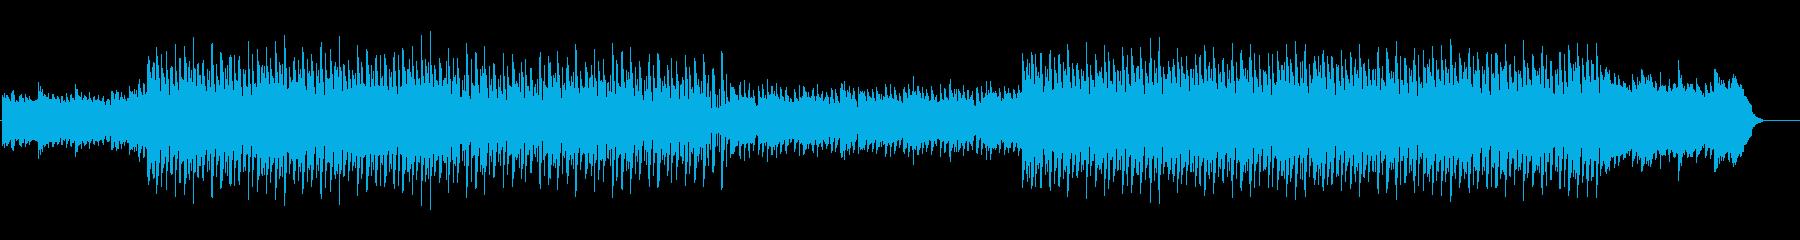 琴を使った和風EDM 感動的紹介映像にの再生済みの波形